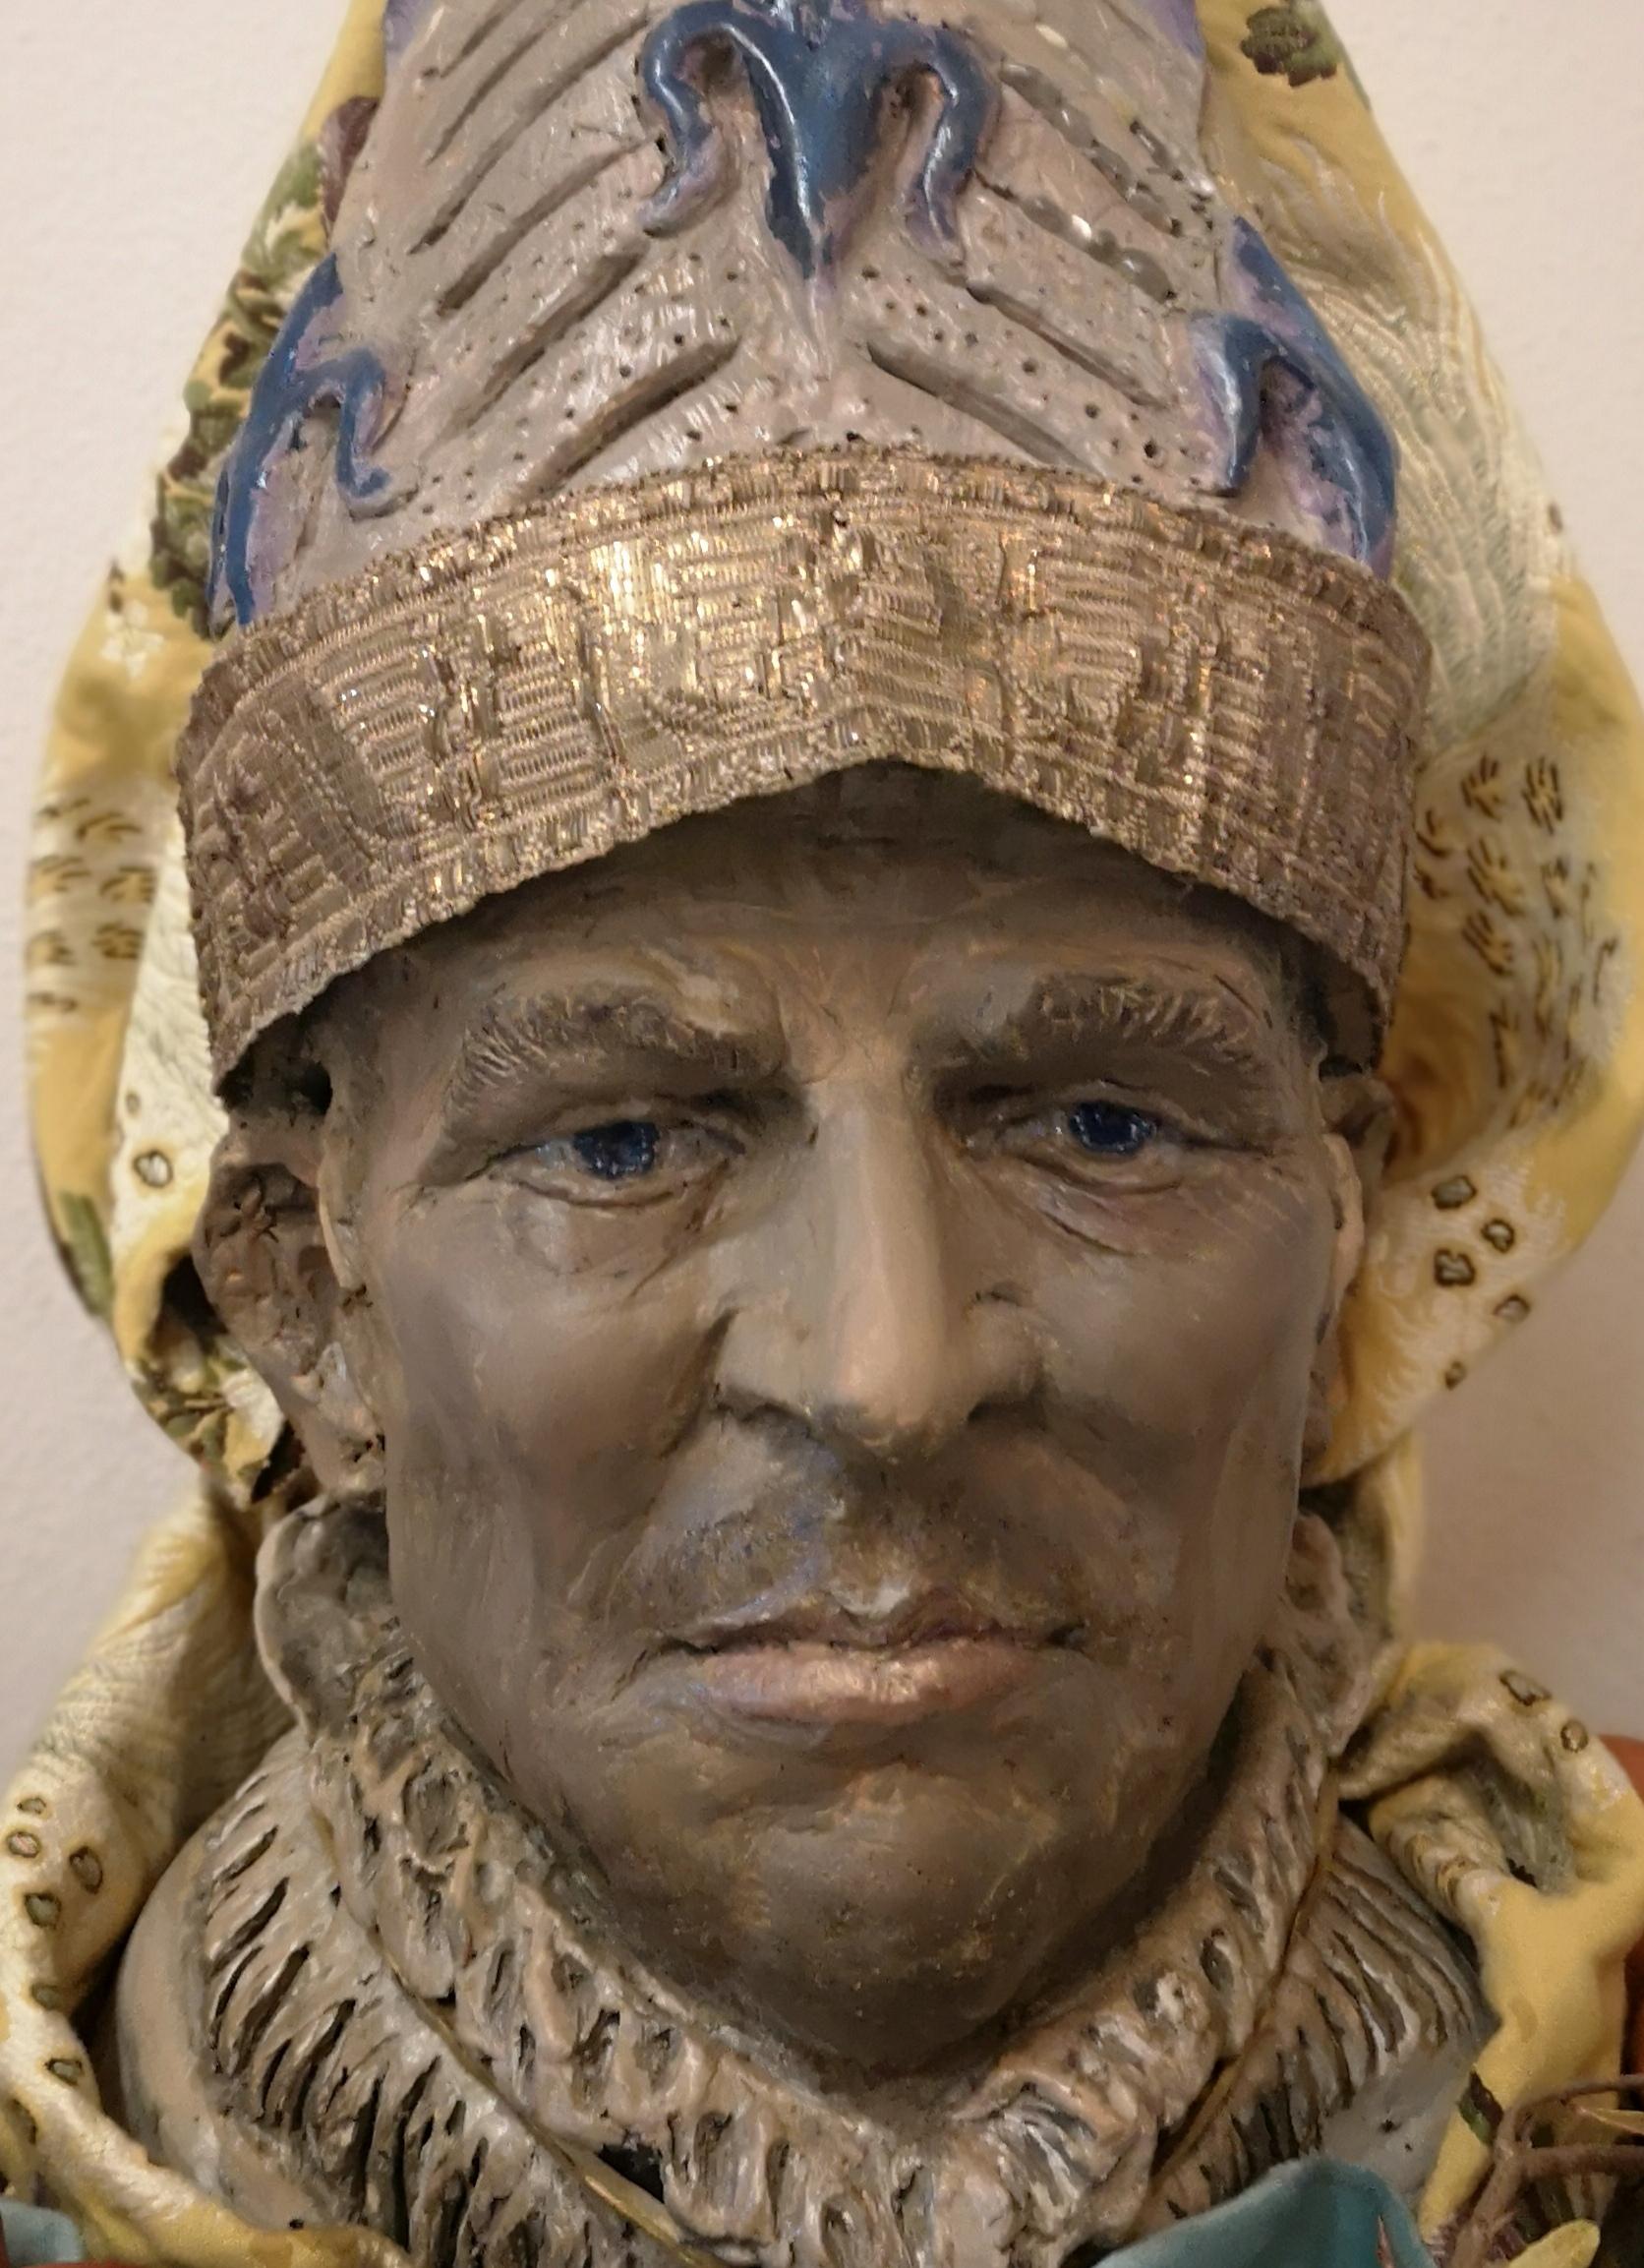 Papa Clemente V ed i Templari, scultura in creta dipinta con inserti di bronzo antico, stoffe antiche, 2020